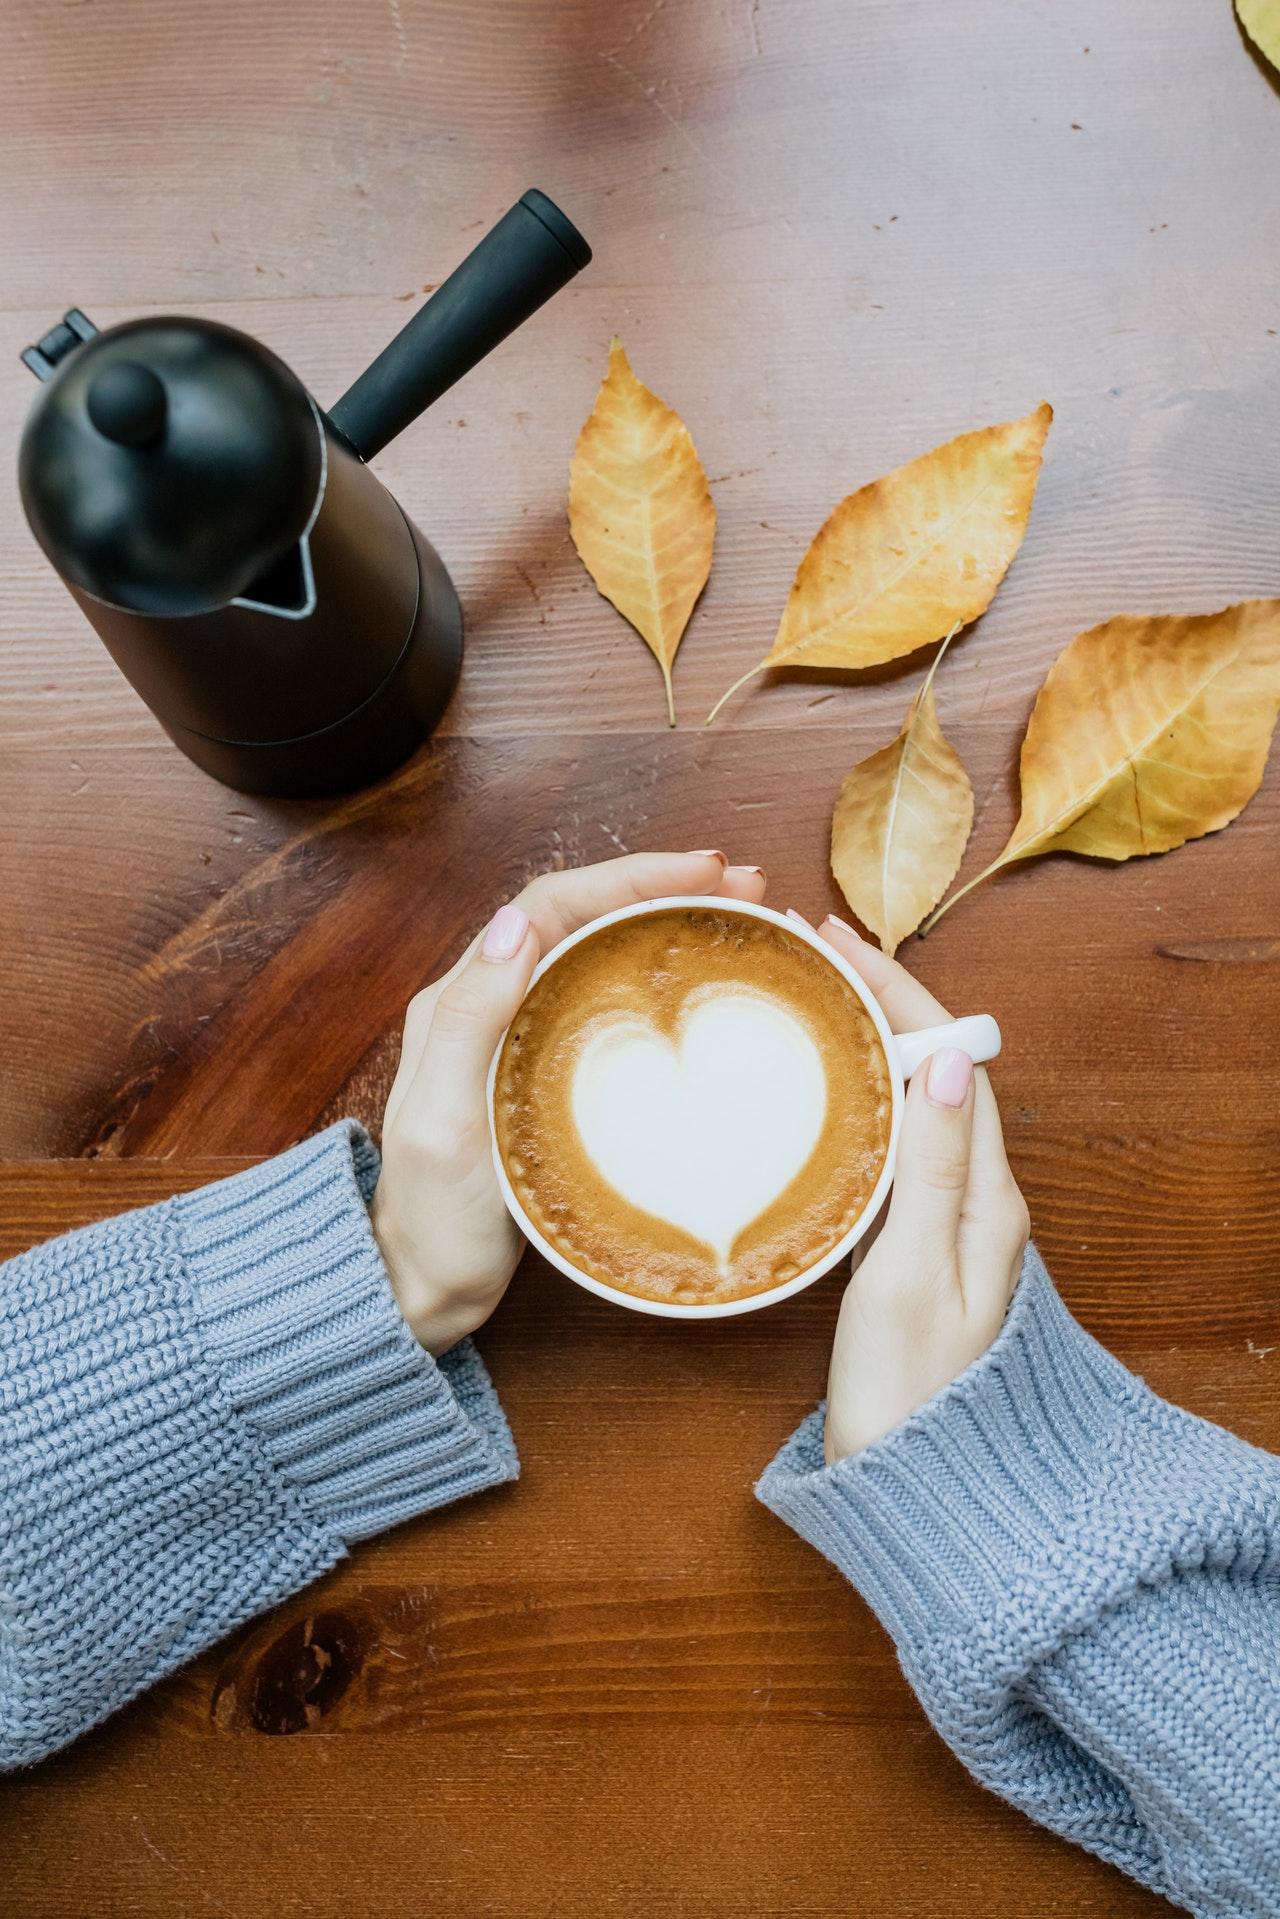 Die meisten Ilsa Espressokocher sind aus Edelstahl und auch für Induktionskochfelder geeignet.